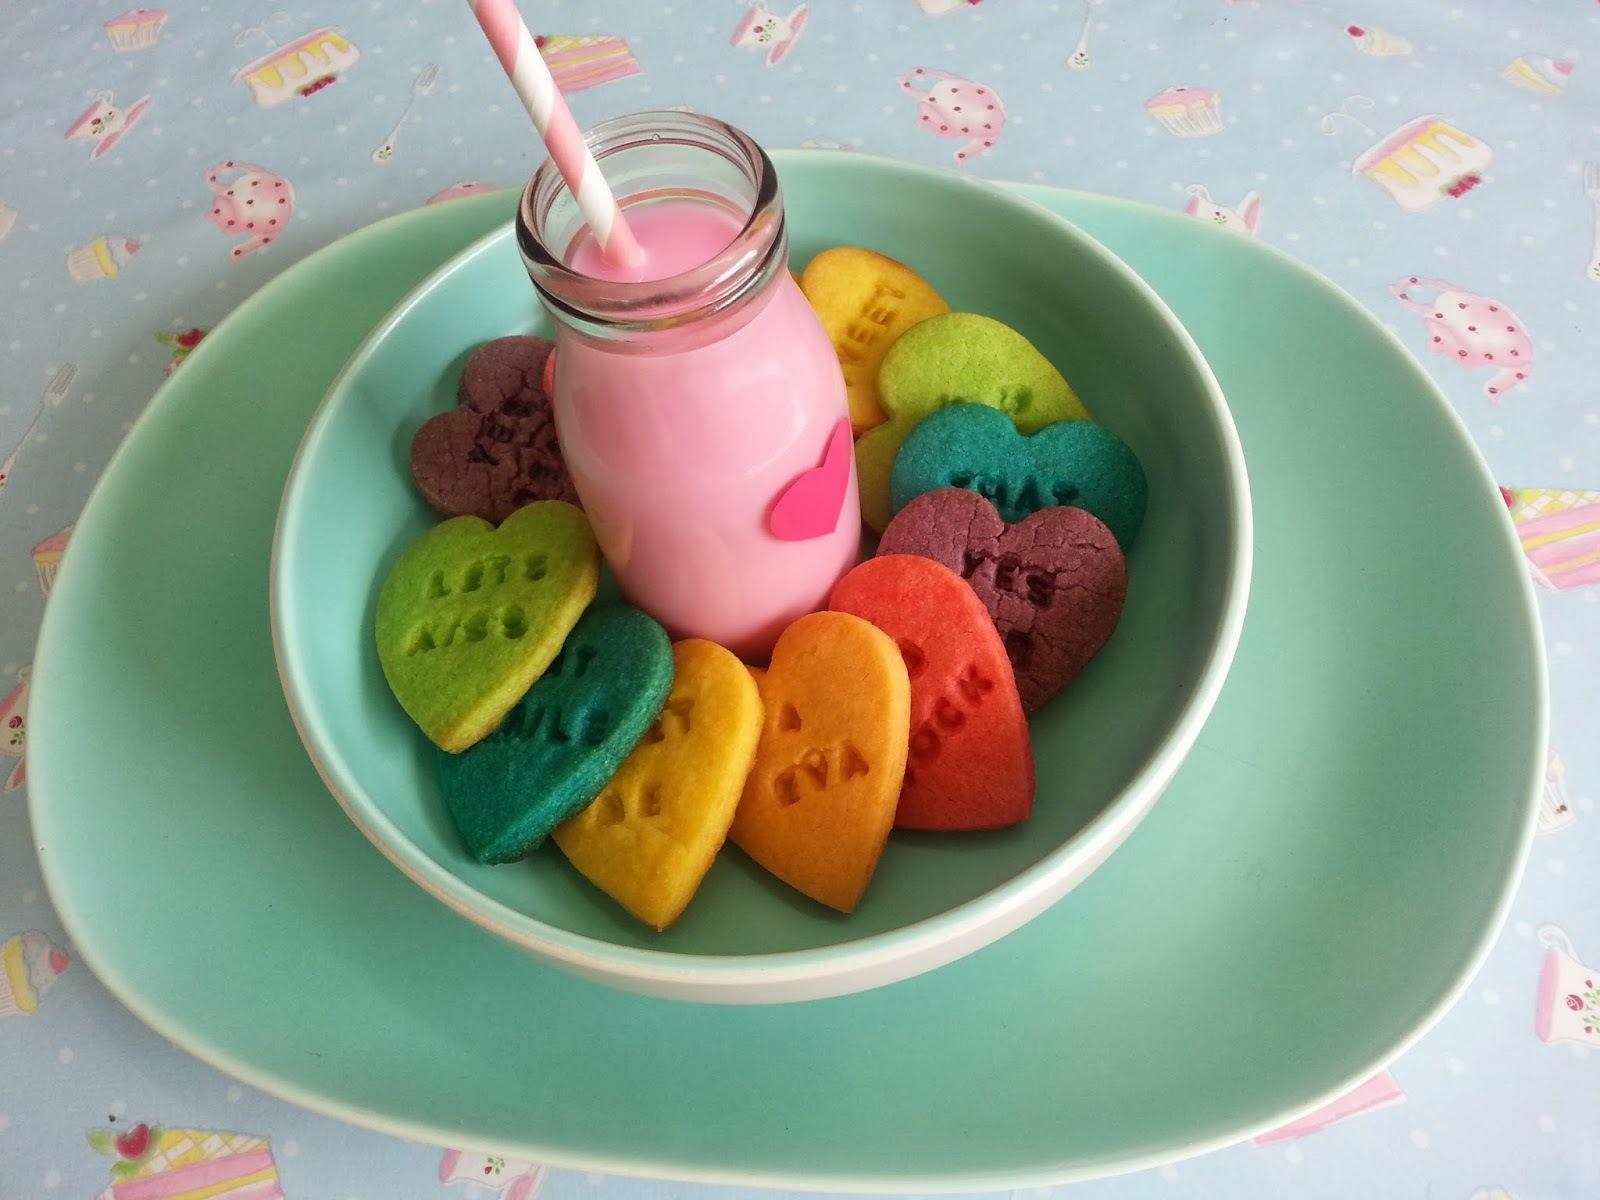 Rainbow Valentines Love - from Kiwicakes Test Kitchen